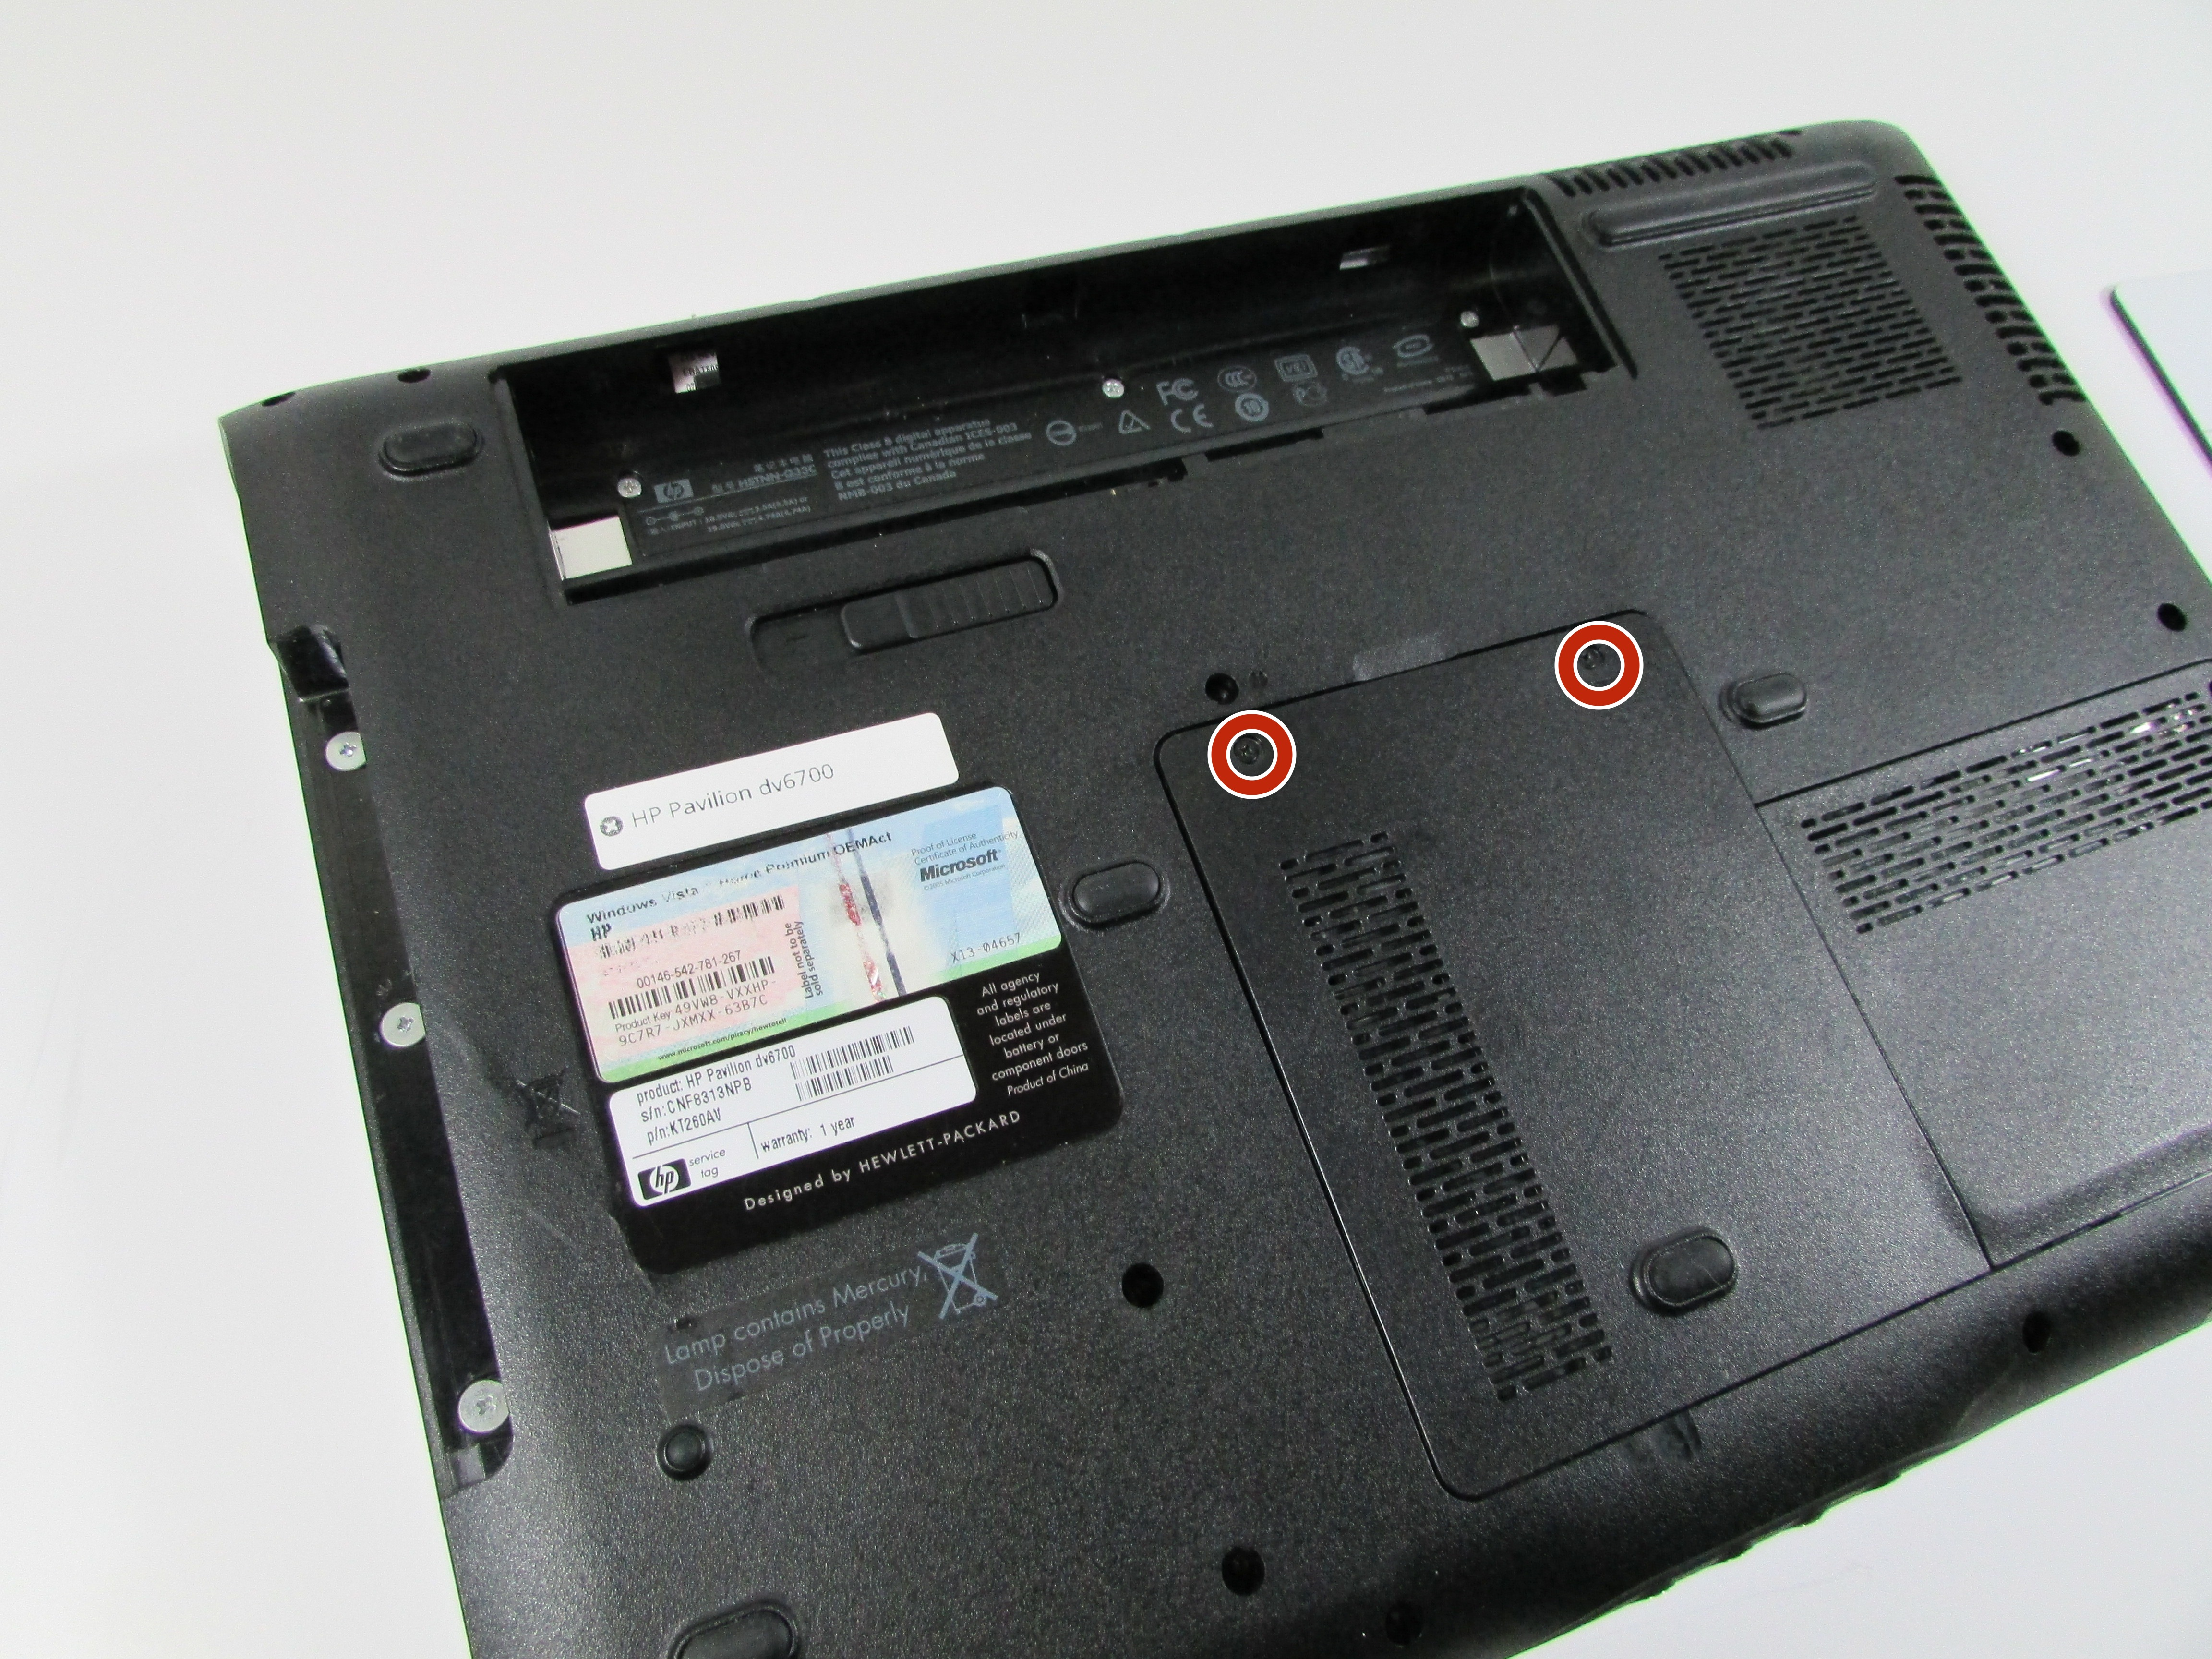 hp pavilion dv6700 manual espanol